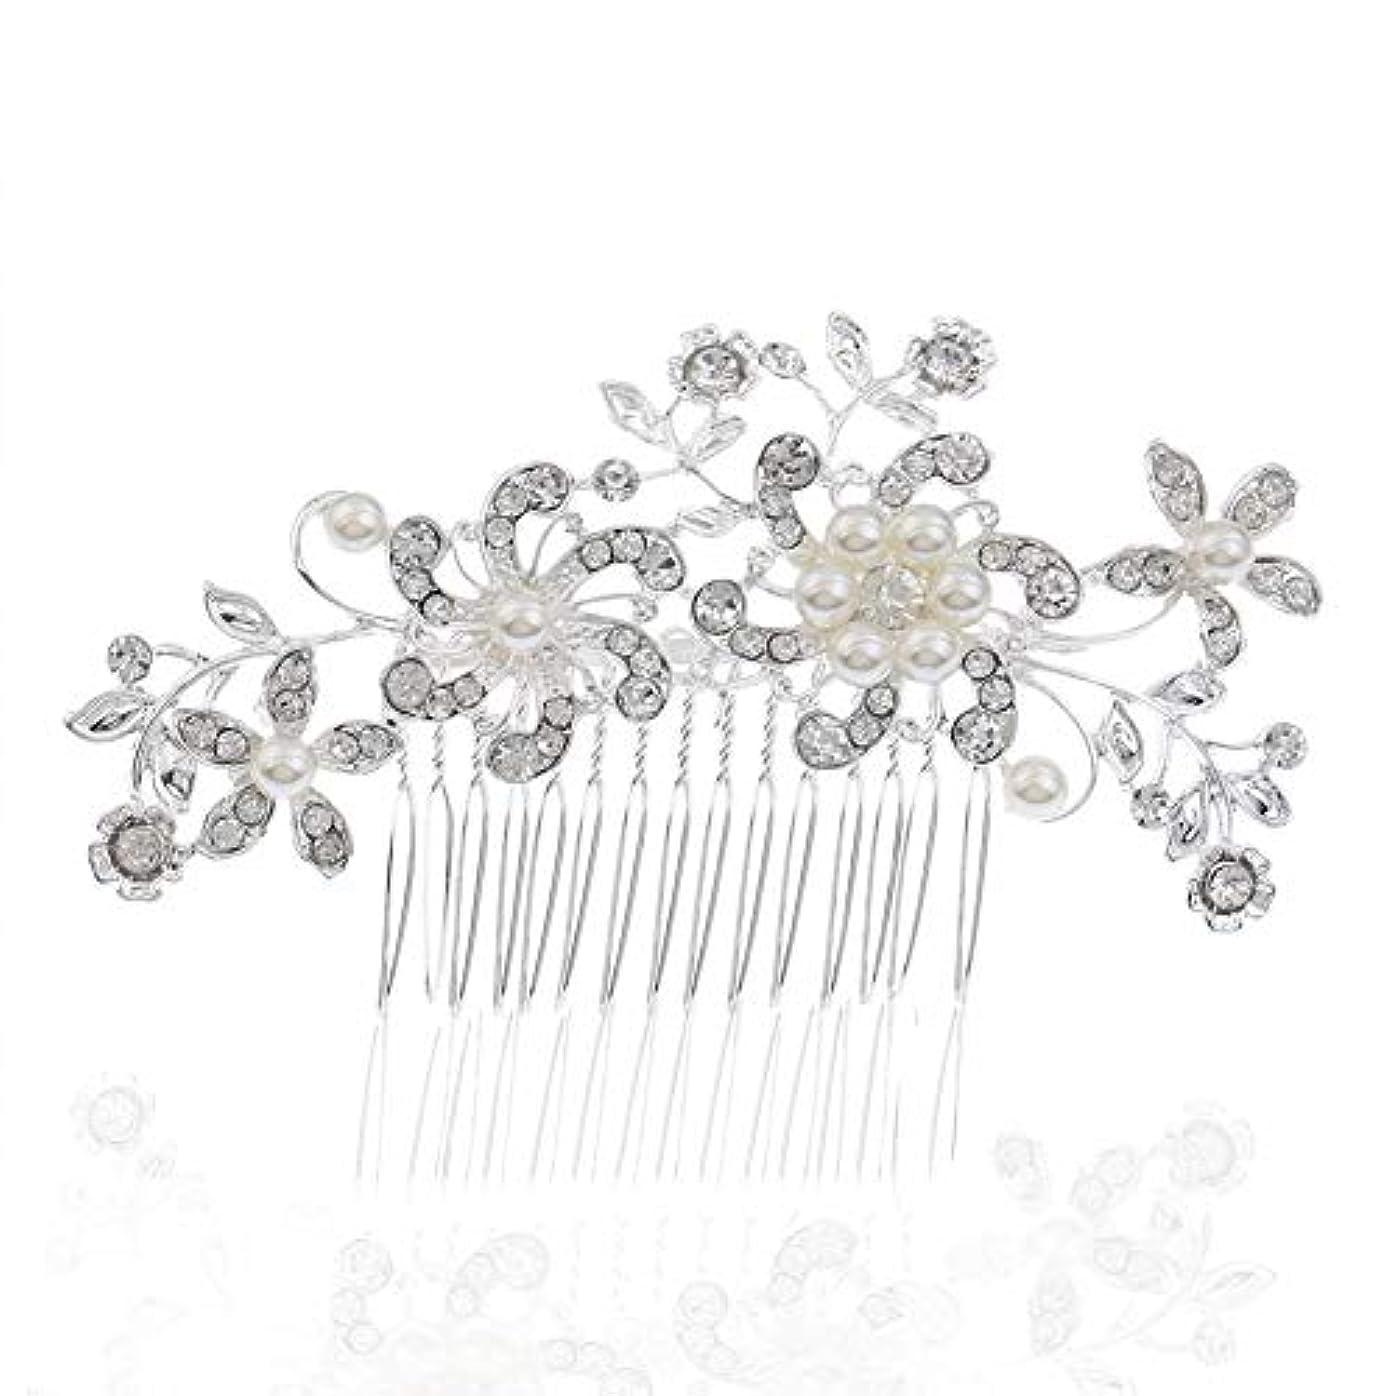 息切れ完全に道路を作るプロセスOnior ブライダル 新婦 頭飾り 模造花 ラインストーン 真珠 ヘアピン ヘアクリップ 櫛 ジュエリー ウェディング 結婚式アクセサリー